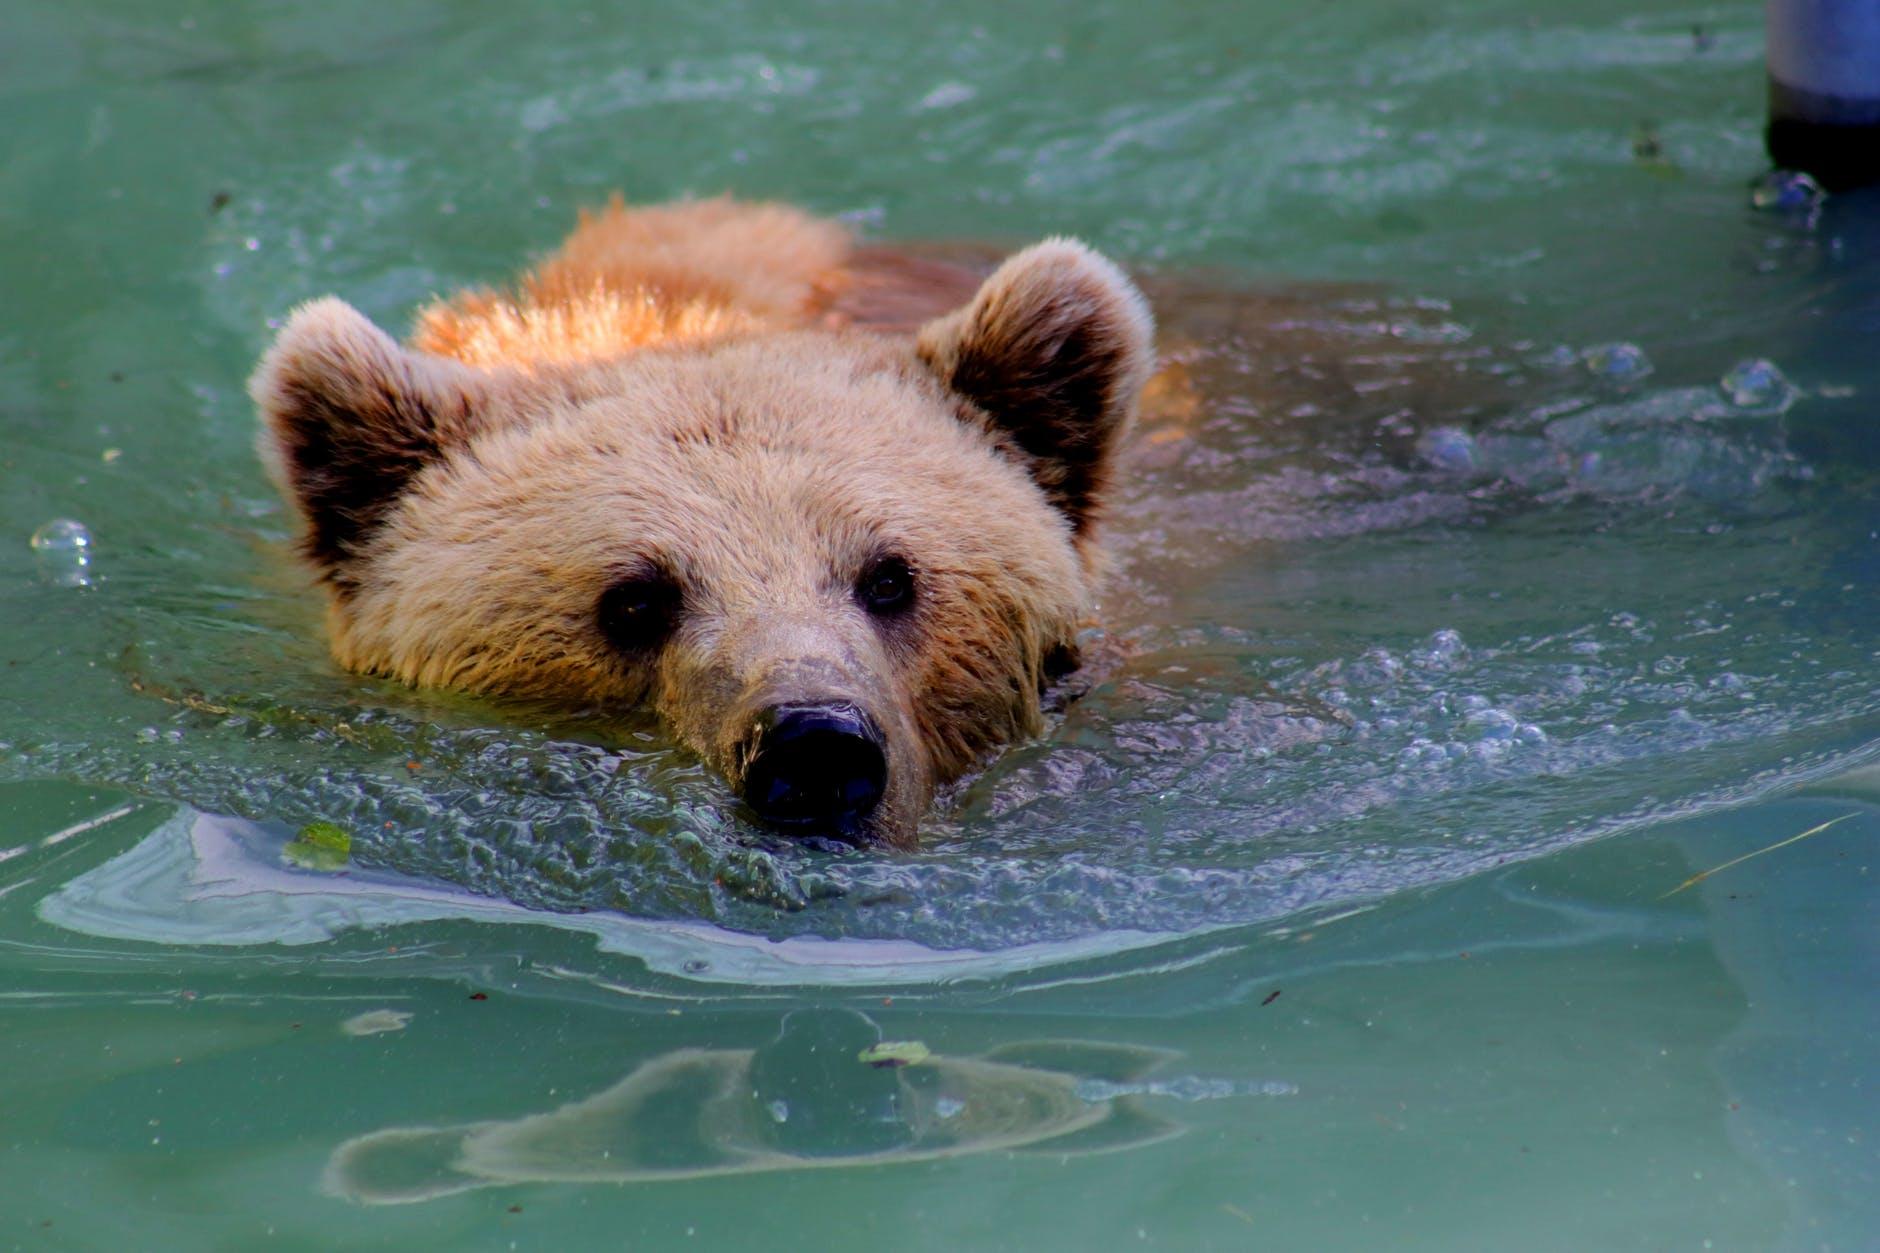 bear swimming in water pexels